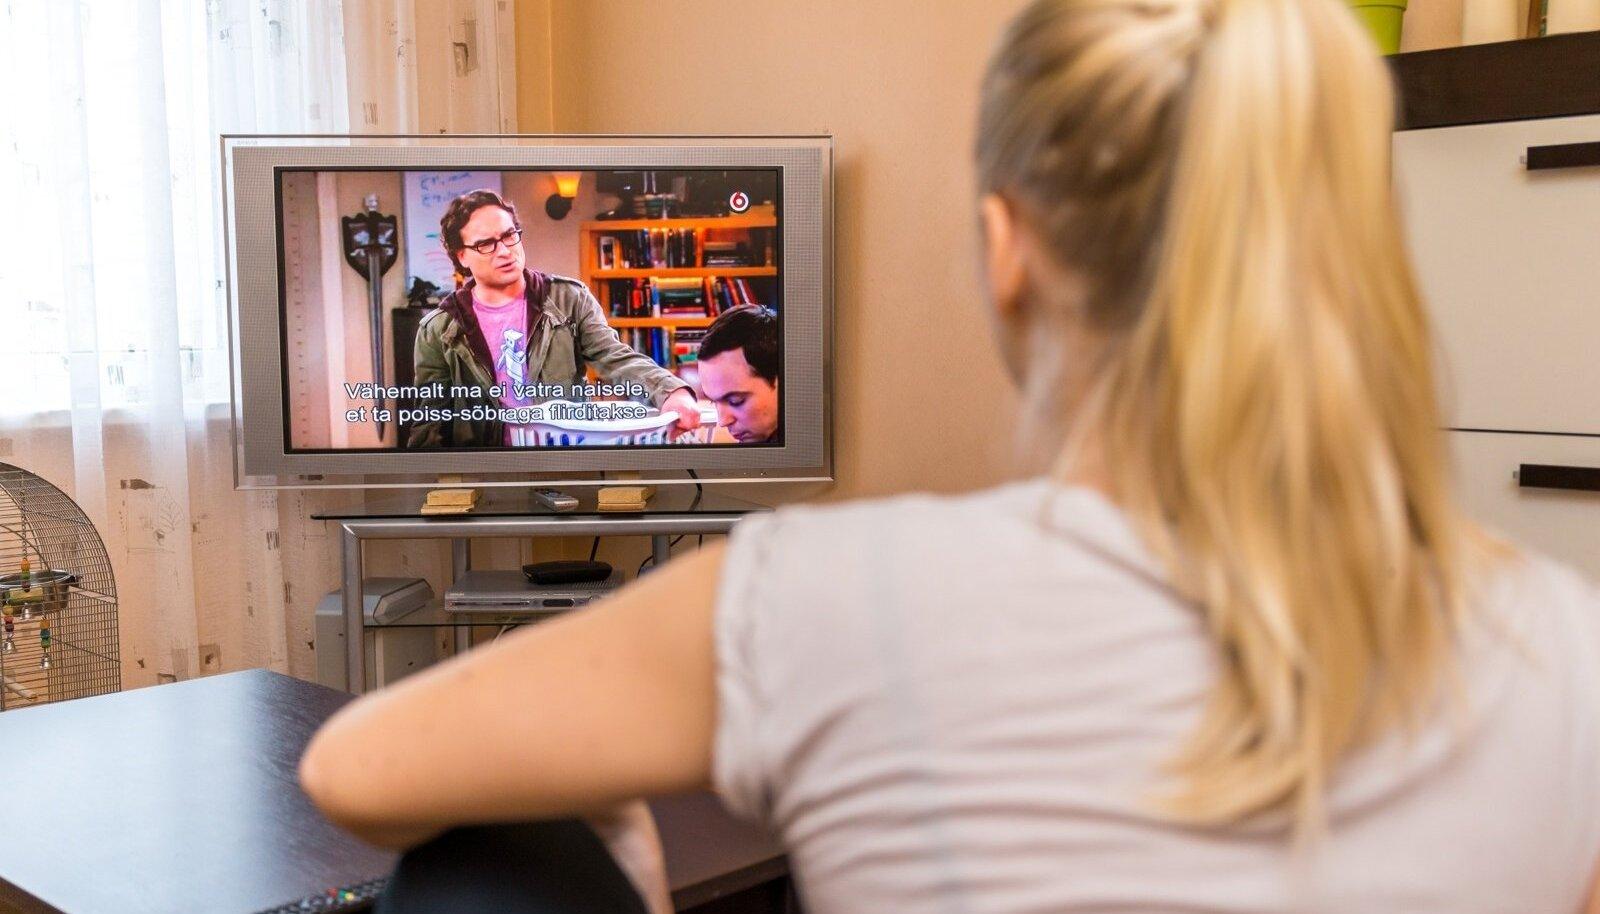 Kui vaadata telerit katusel oleva antenni abiga, on hiljuti vabalevist lahkunud kodumaiste kanalite vaatamiseks tarvis eraldi kaarti või digiboksi.